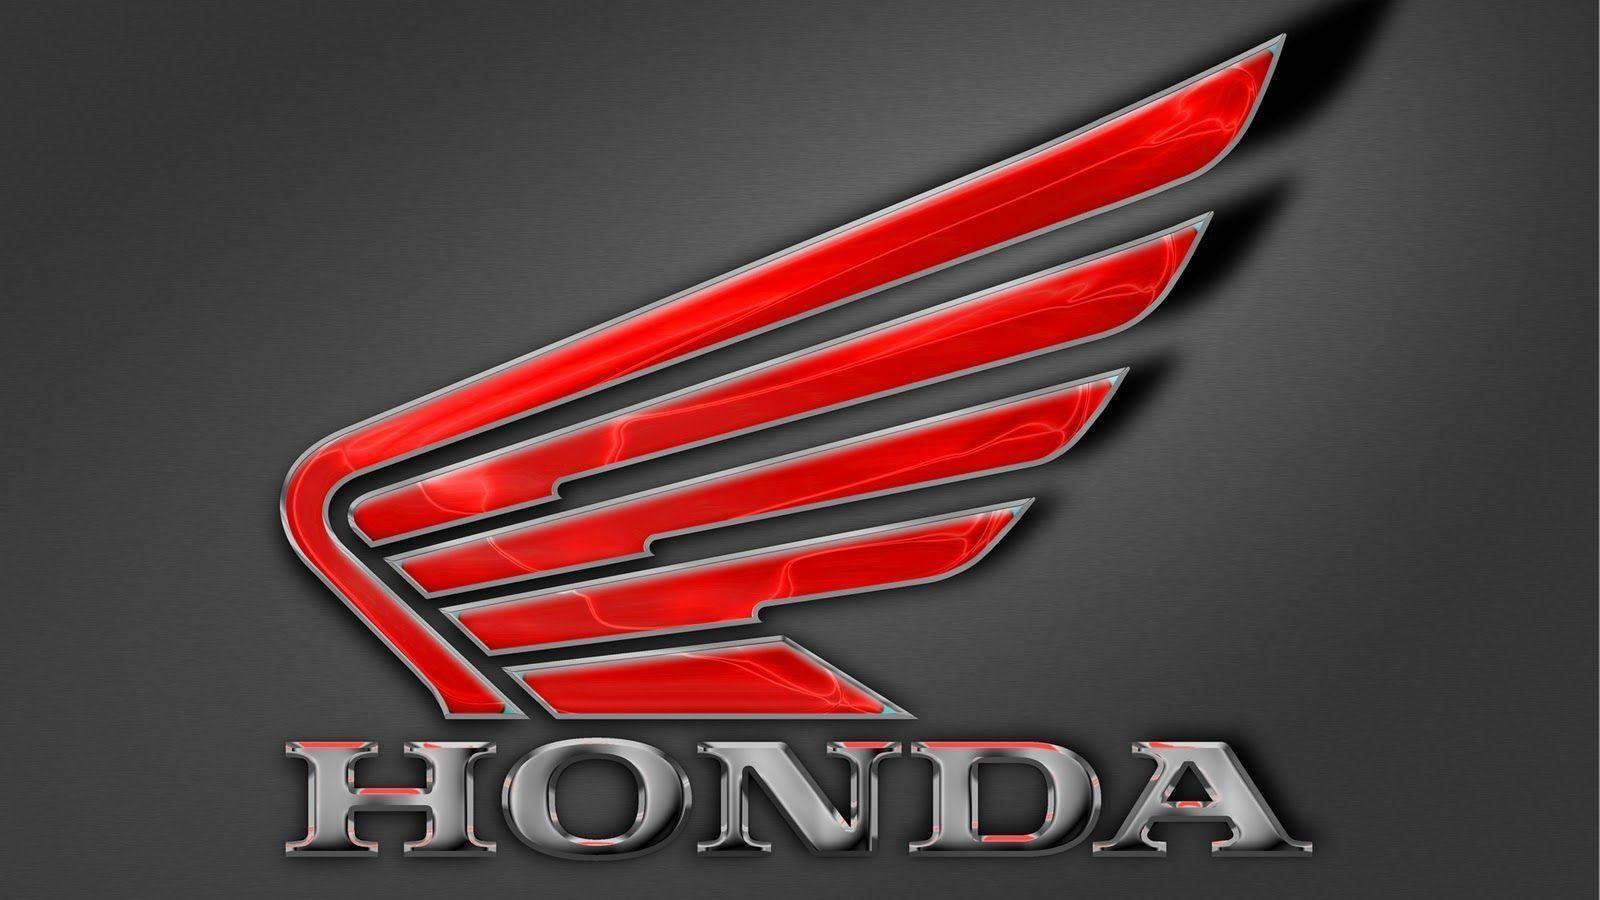 Honda Dirt Bike Wallpapers Top Free Honda Dirt Bike Backgrounds